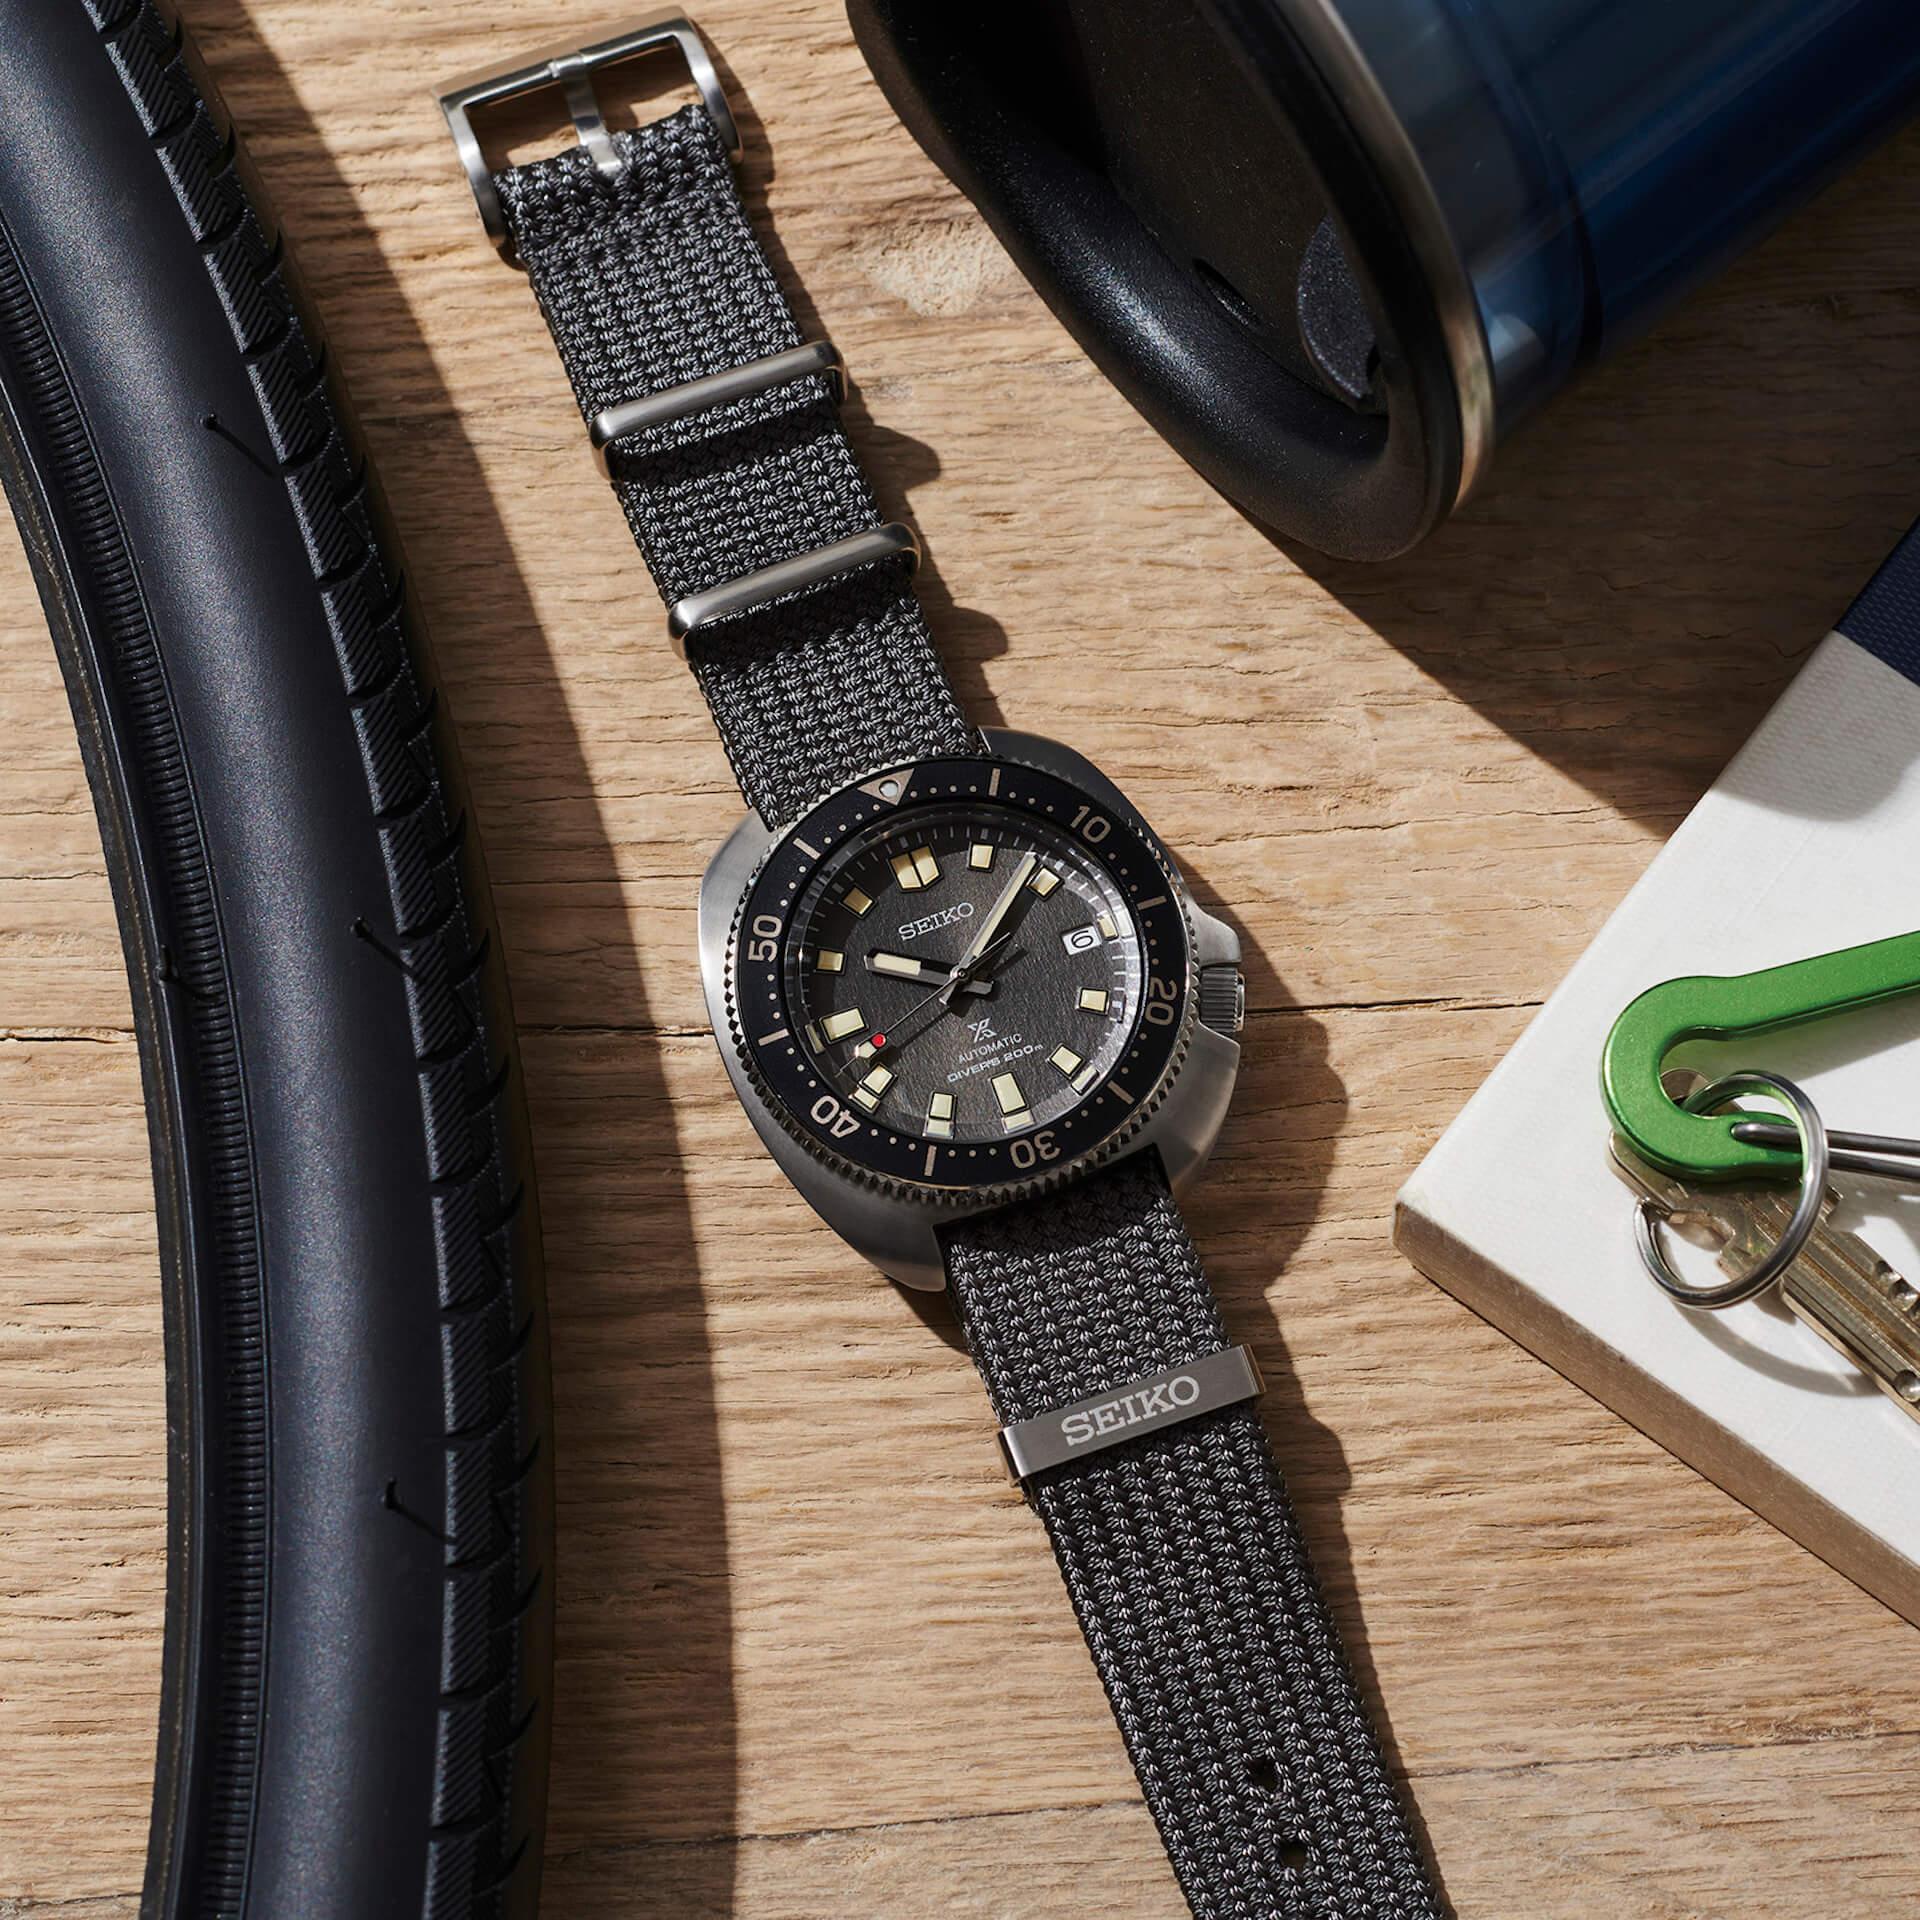 セイコーのダイバーズウォッチにファブリックストラップを採用した新モデル2機種が登場! tech210526_seiko_diverswatch_7